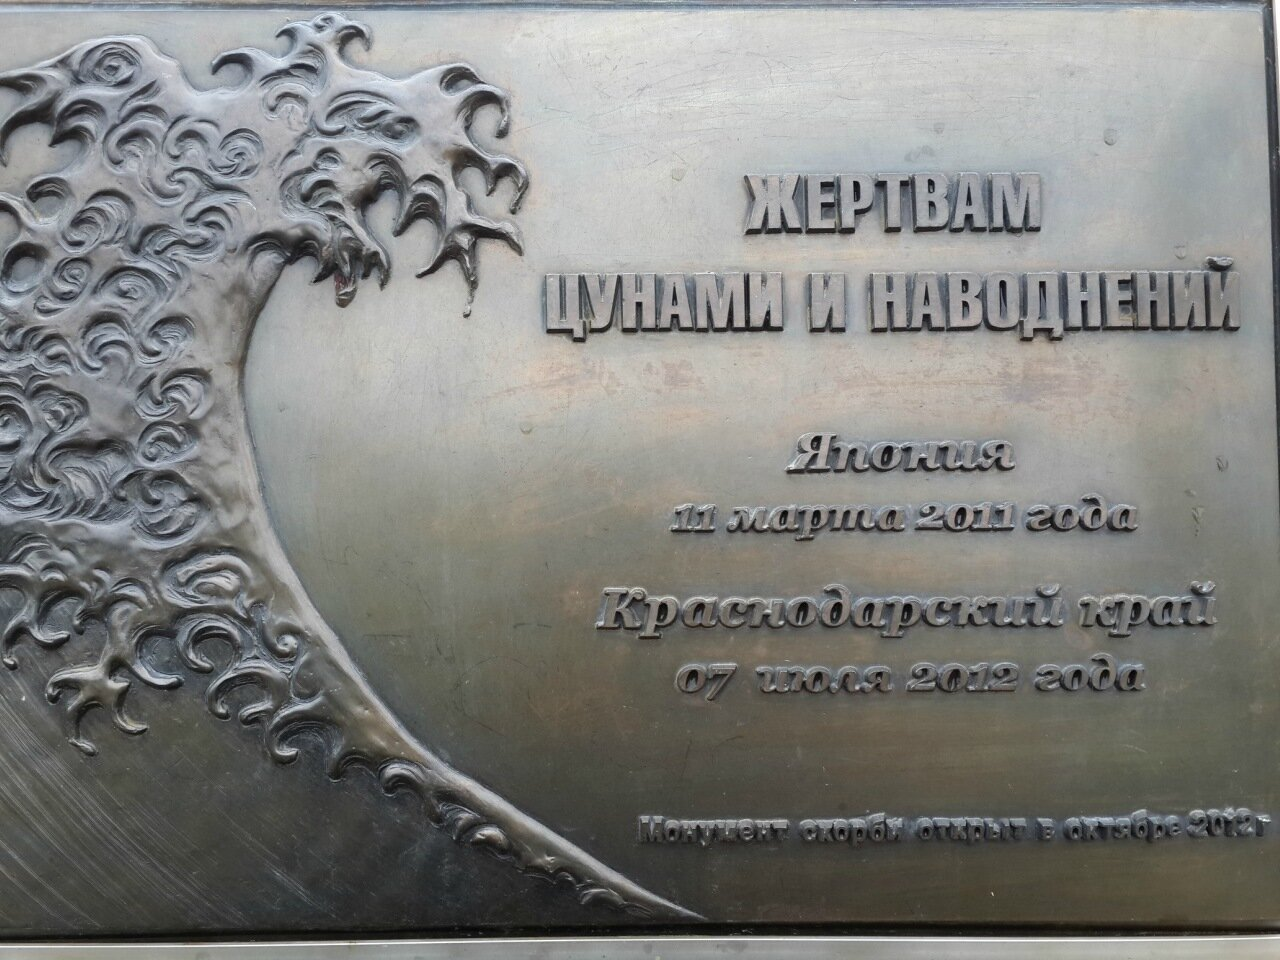 Пешие и велопрогулки по Краснодару - ищу компаньонов - Страница 7 0_82a05_e8515526_XXXL